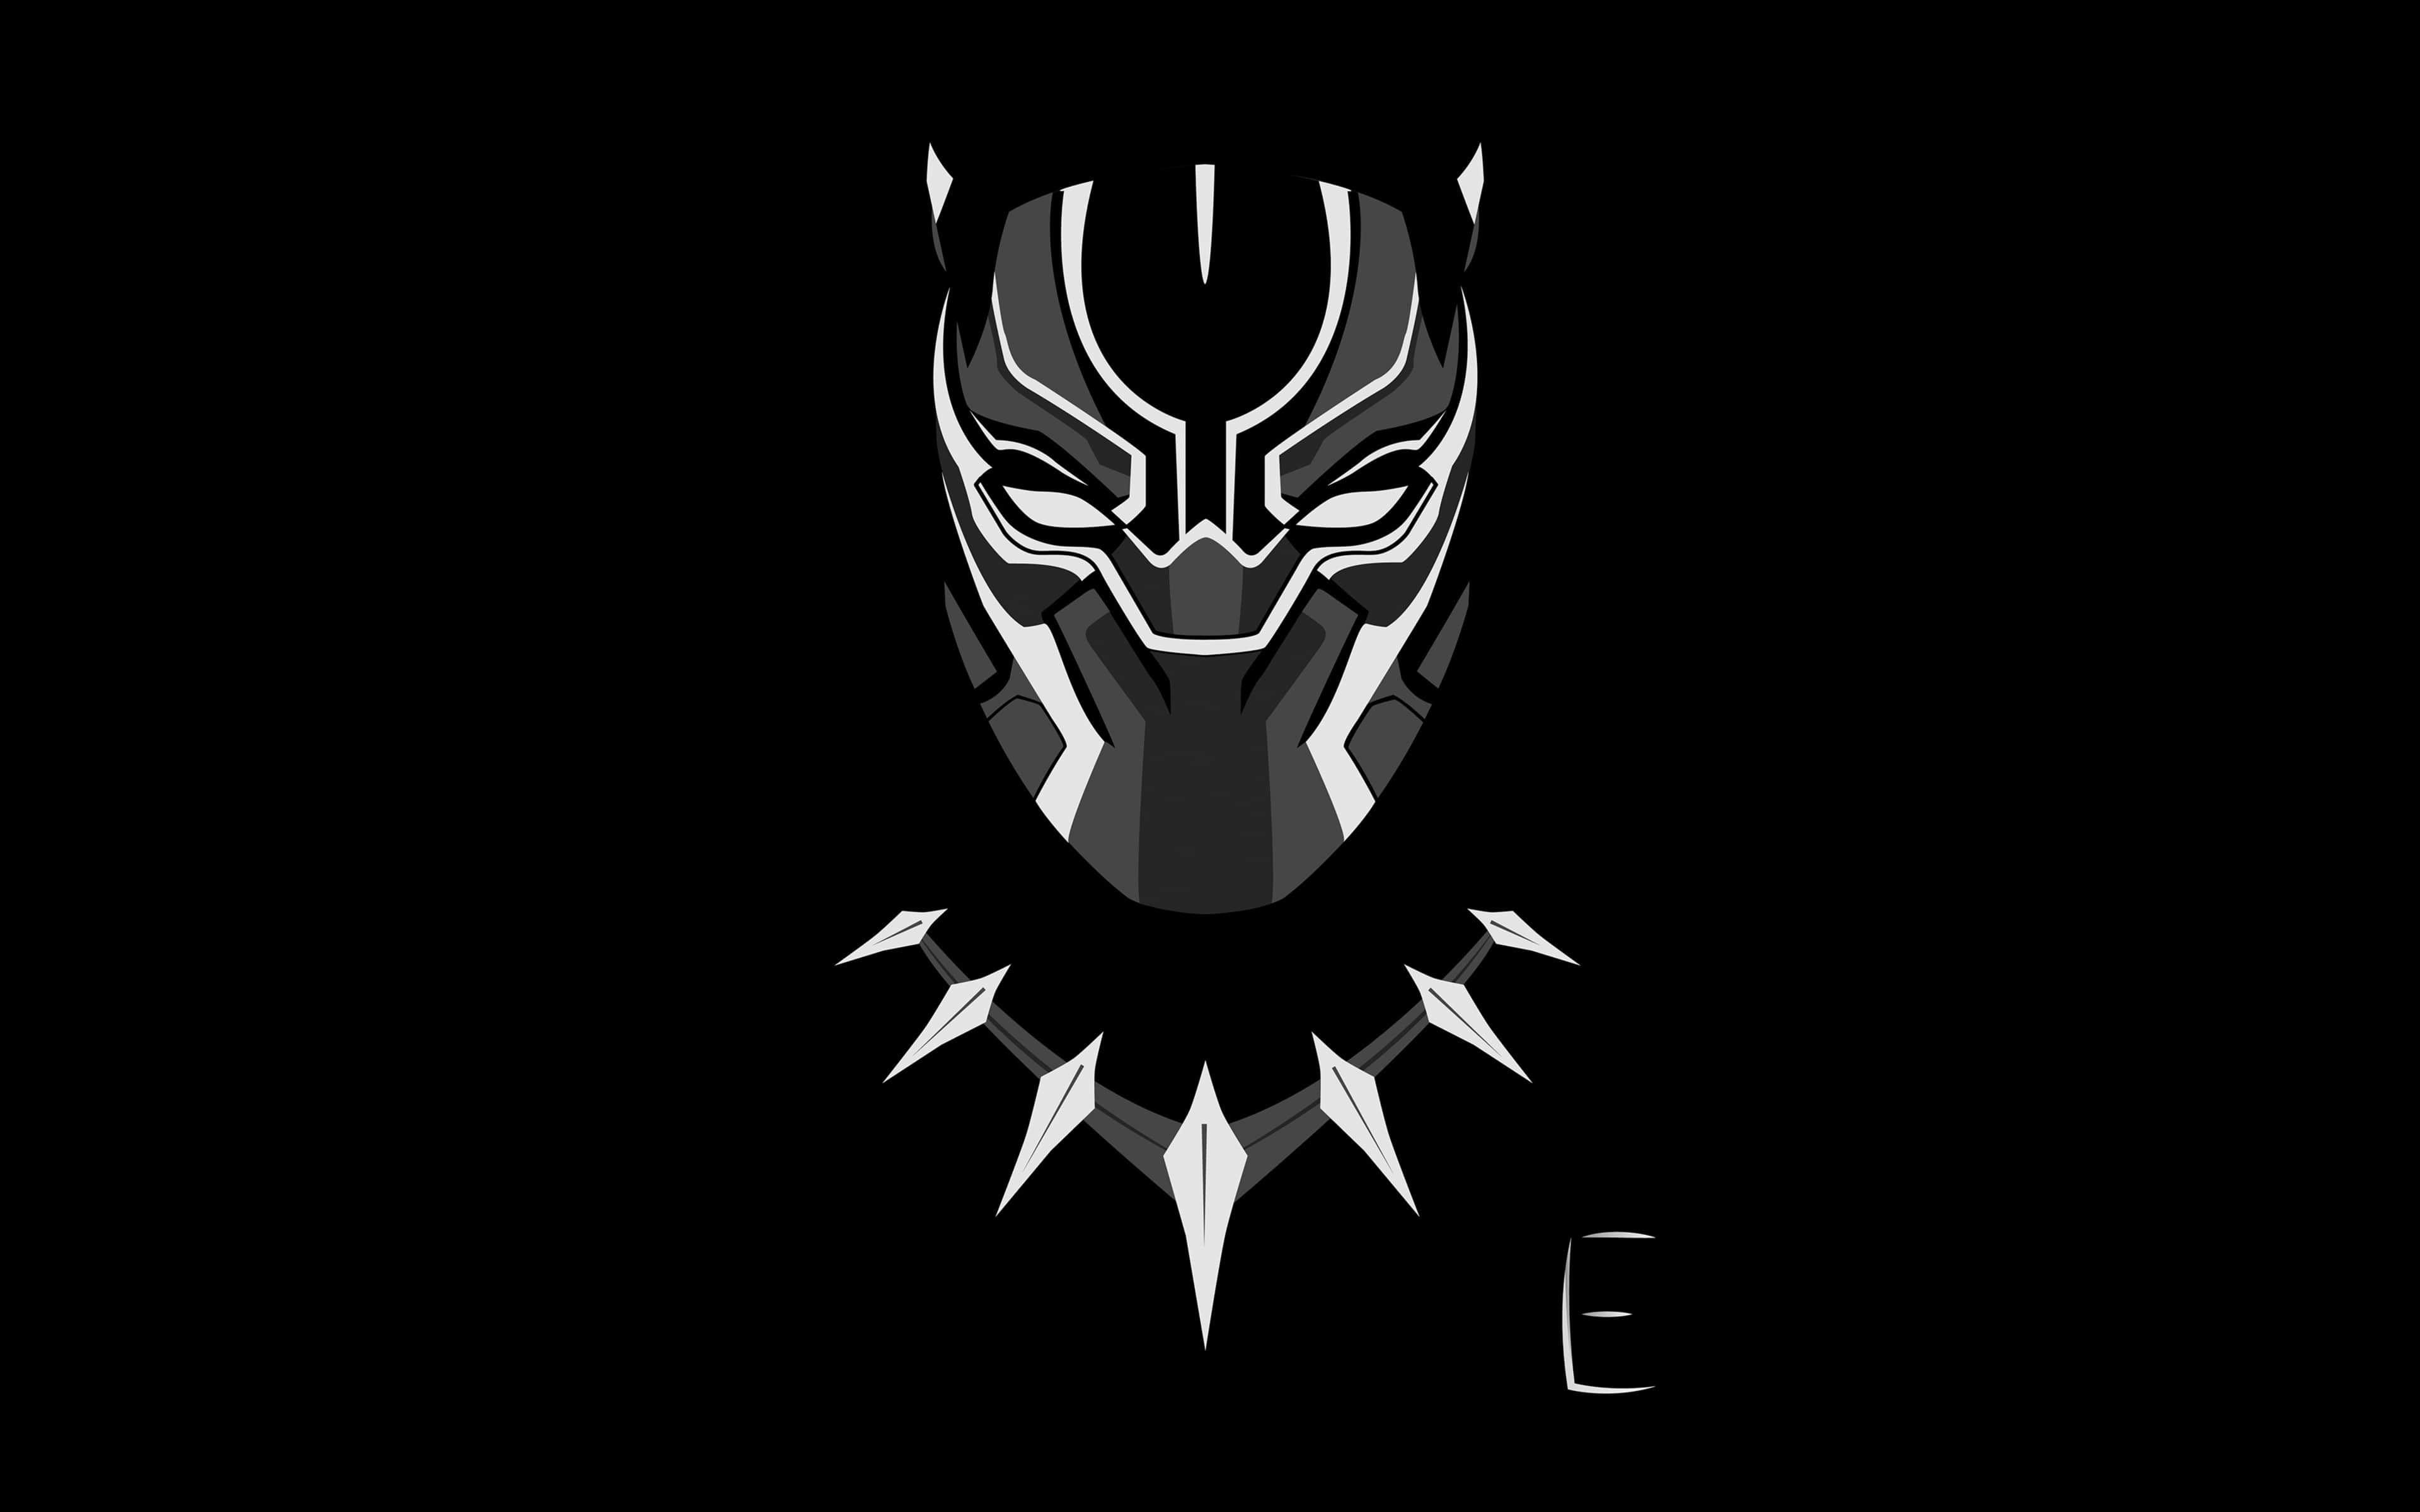 Black Panther Minimalism Black Panther Minimalism Is An Hd Desktop Wallpaper Posted In Ou Desktop Wallpaper Black Marvel Wallpaper Black Panther Hd Wallpaper